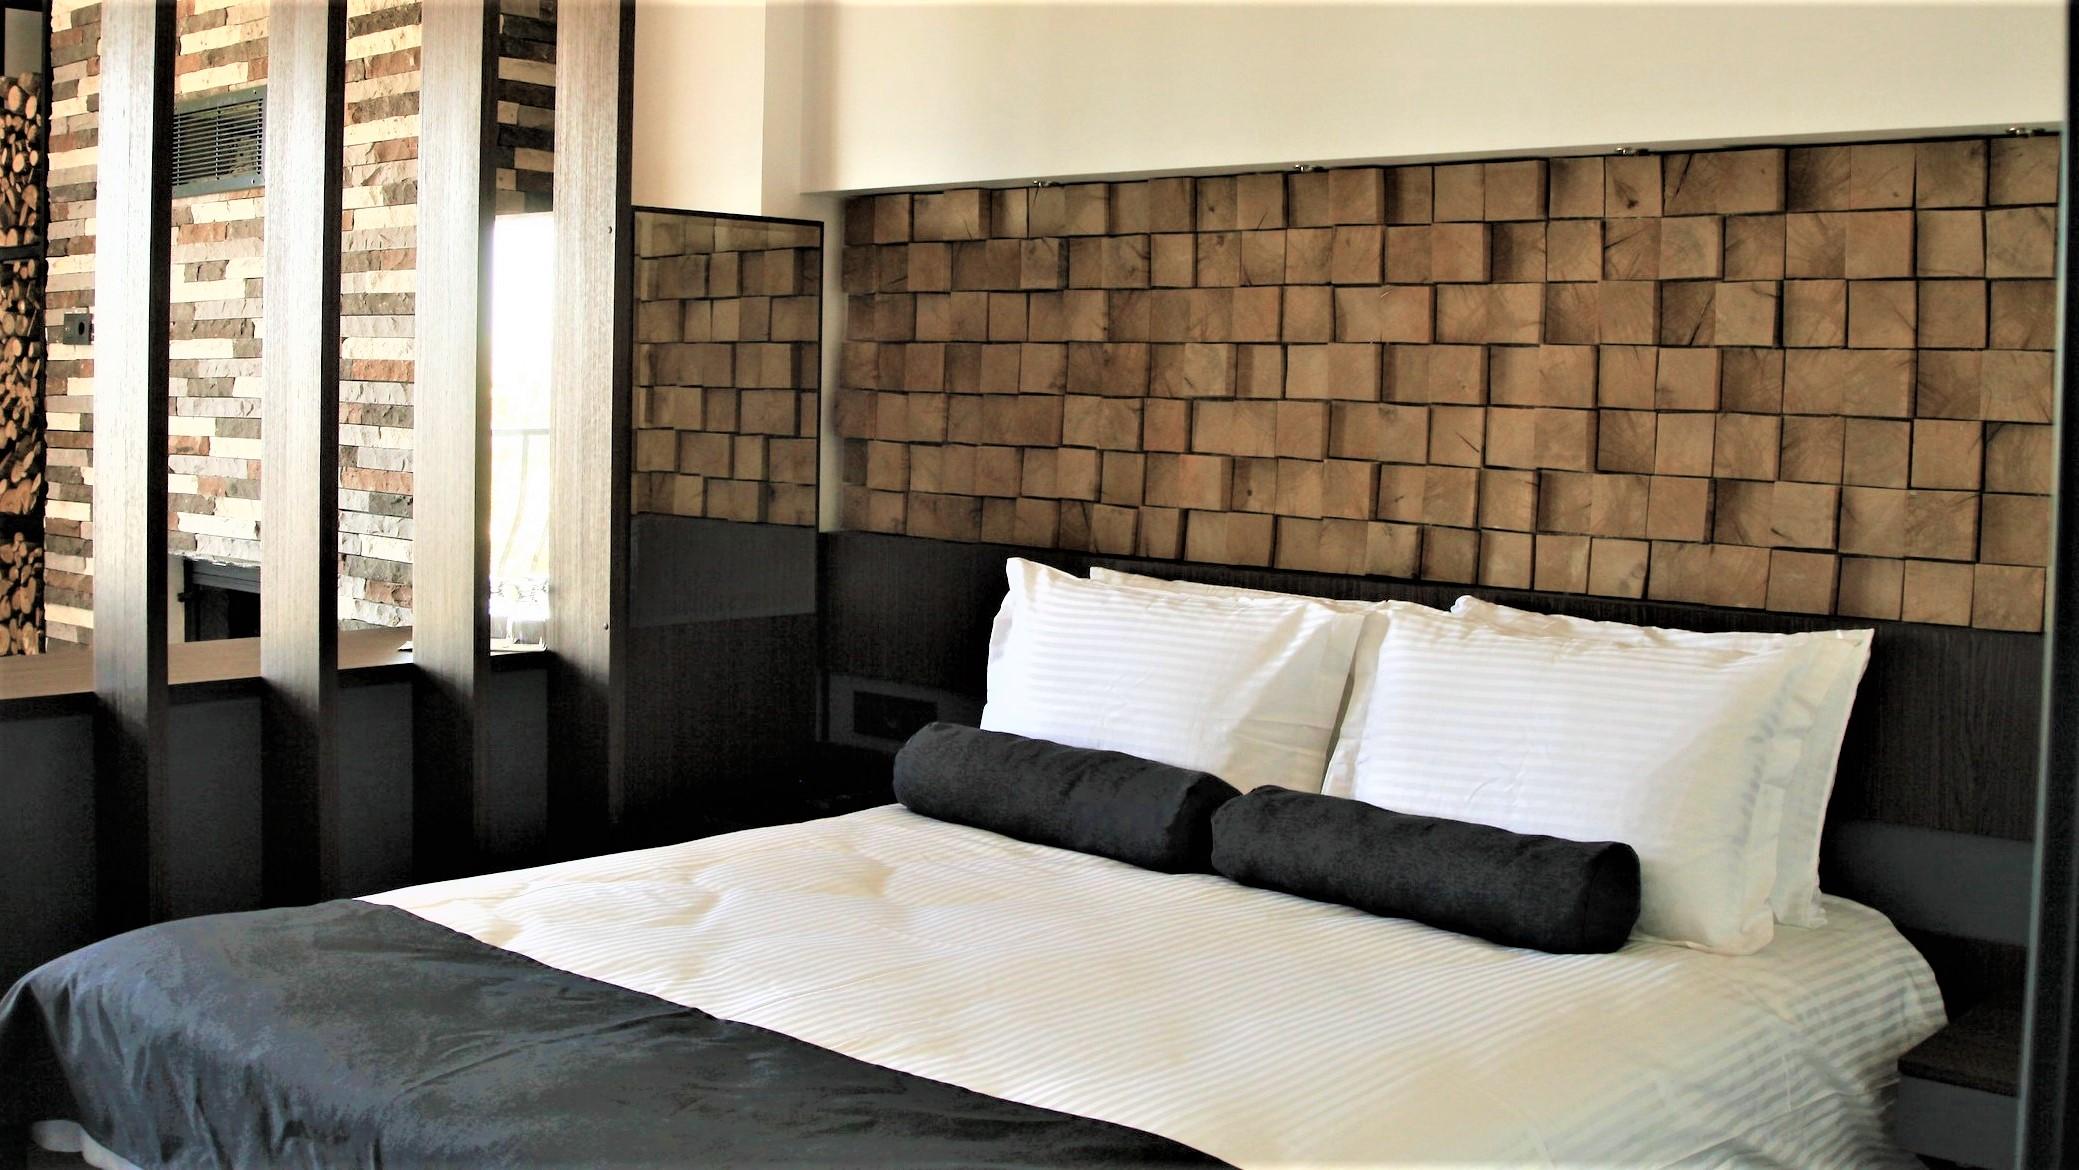 suit amorium hotel wooden aÄ_aç ev otel doÄ_al ahÅ_ap ev standart oda